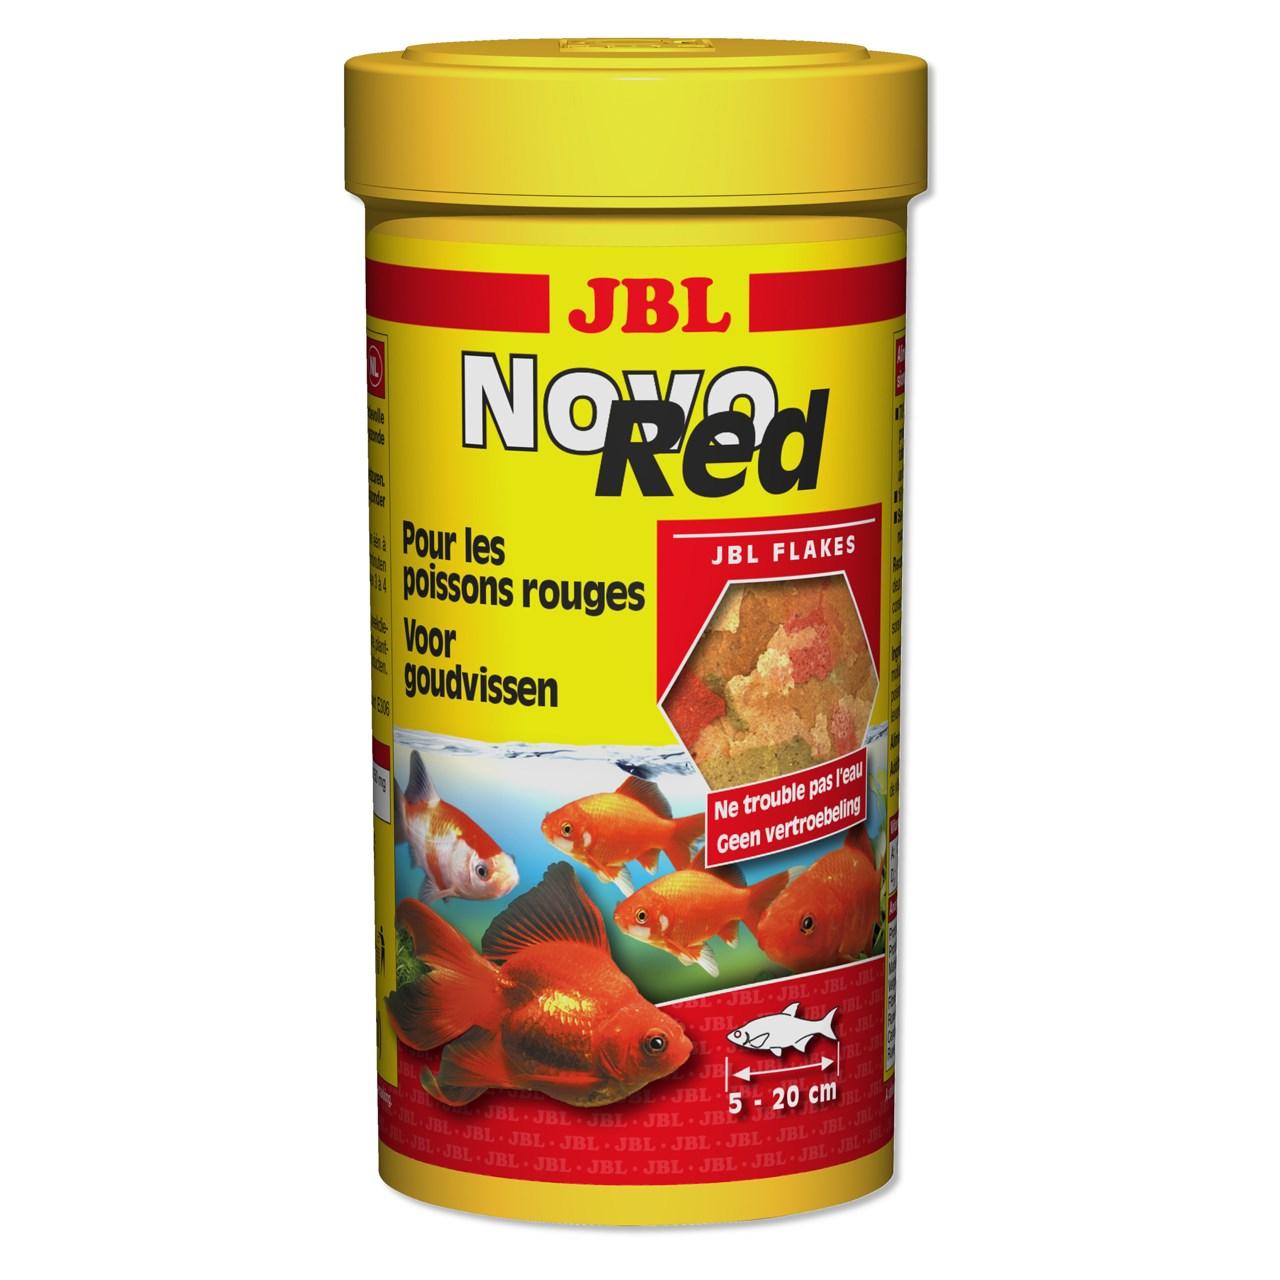 غذای گلدفیش جی بی ال مدل نوو رد 45 گرمی